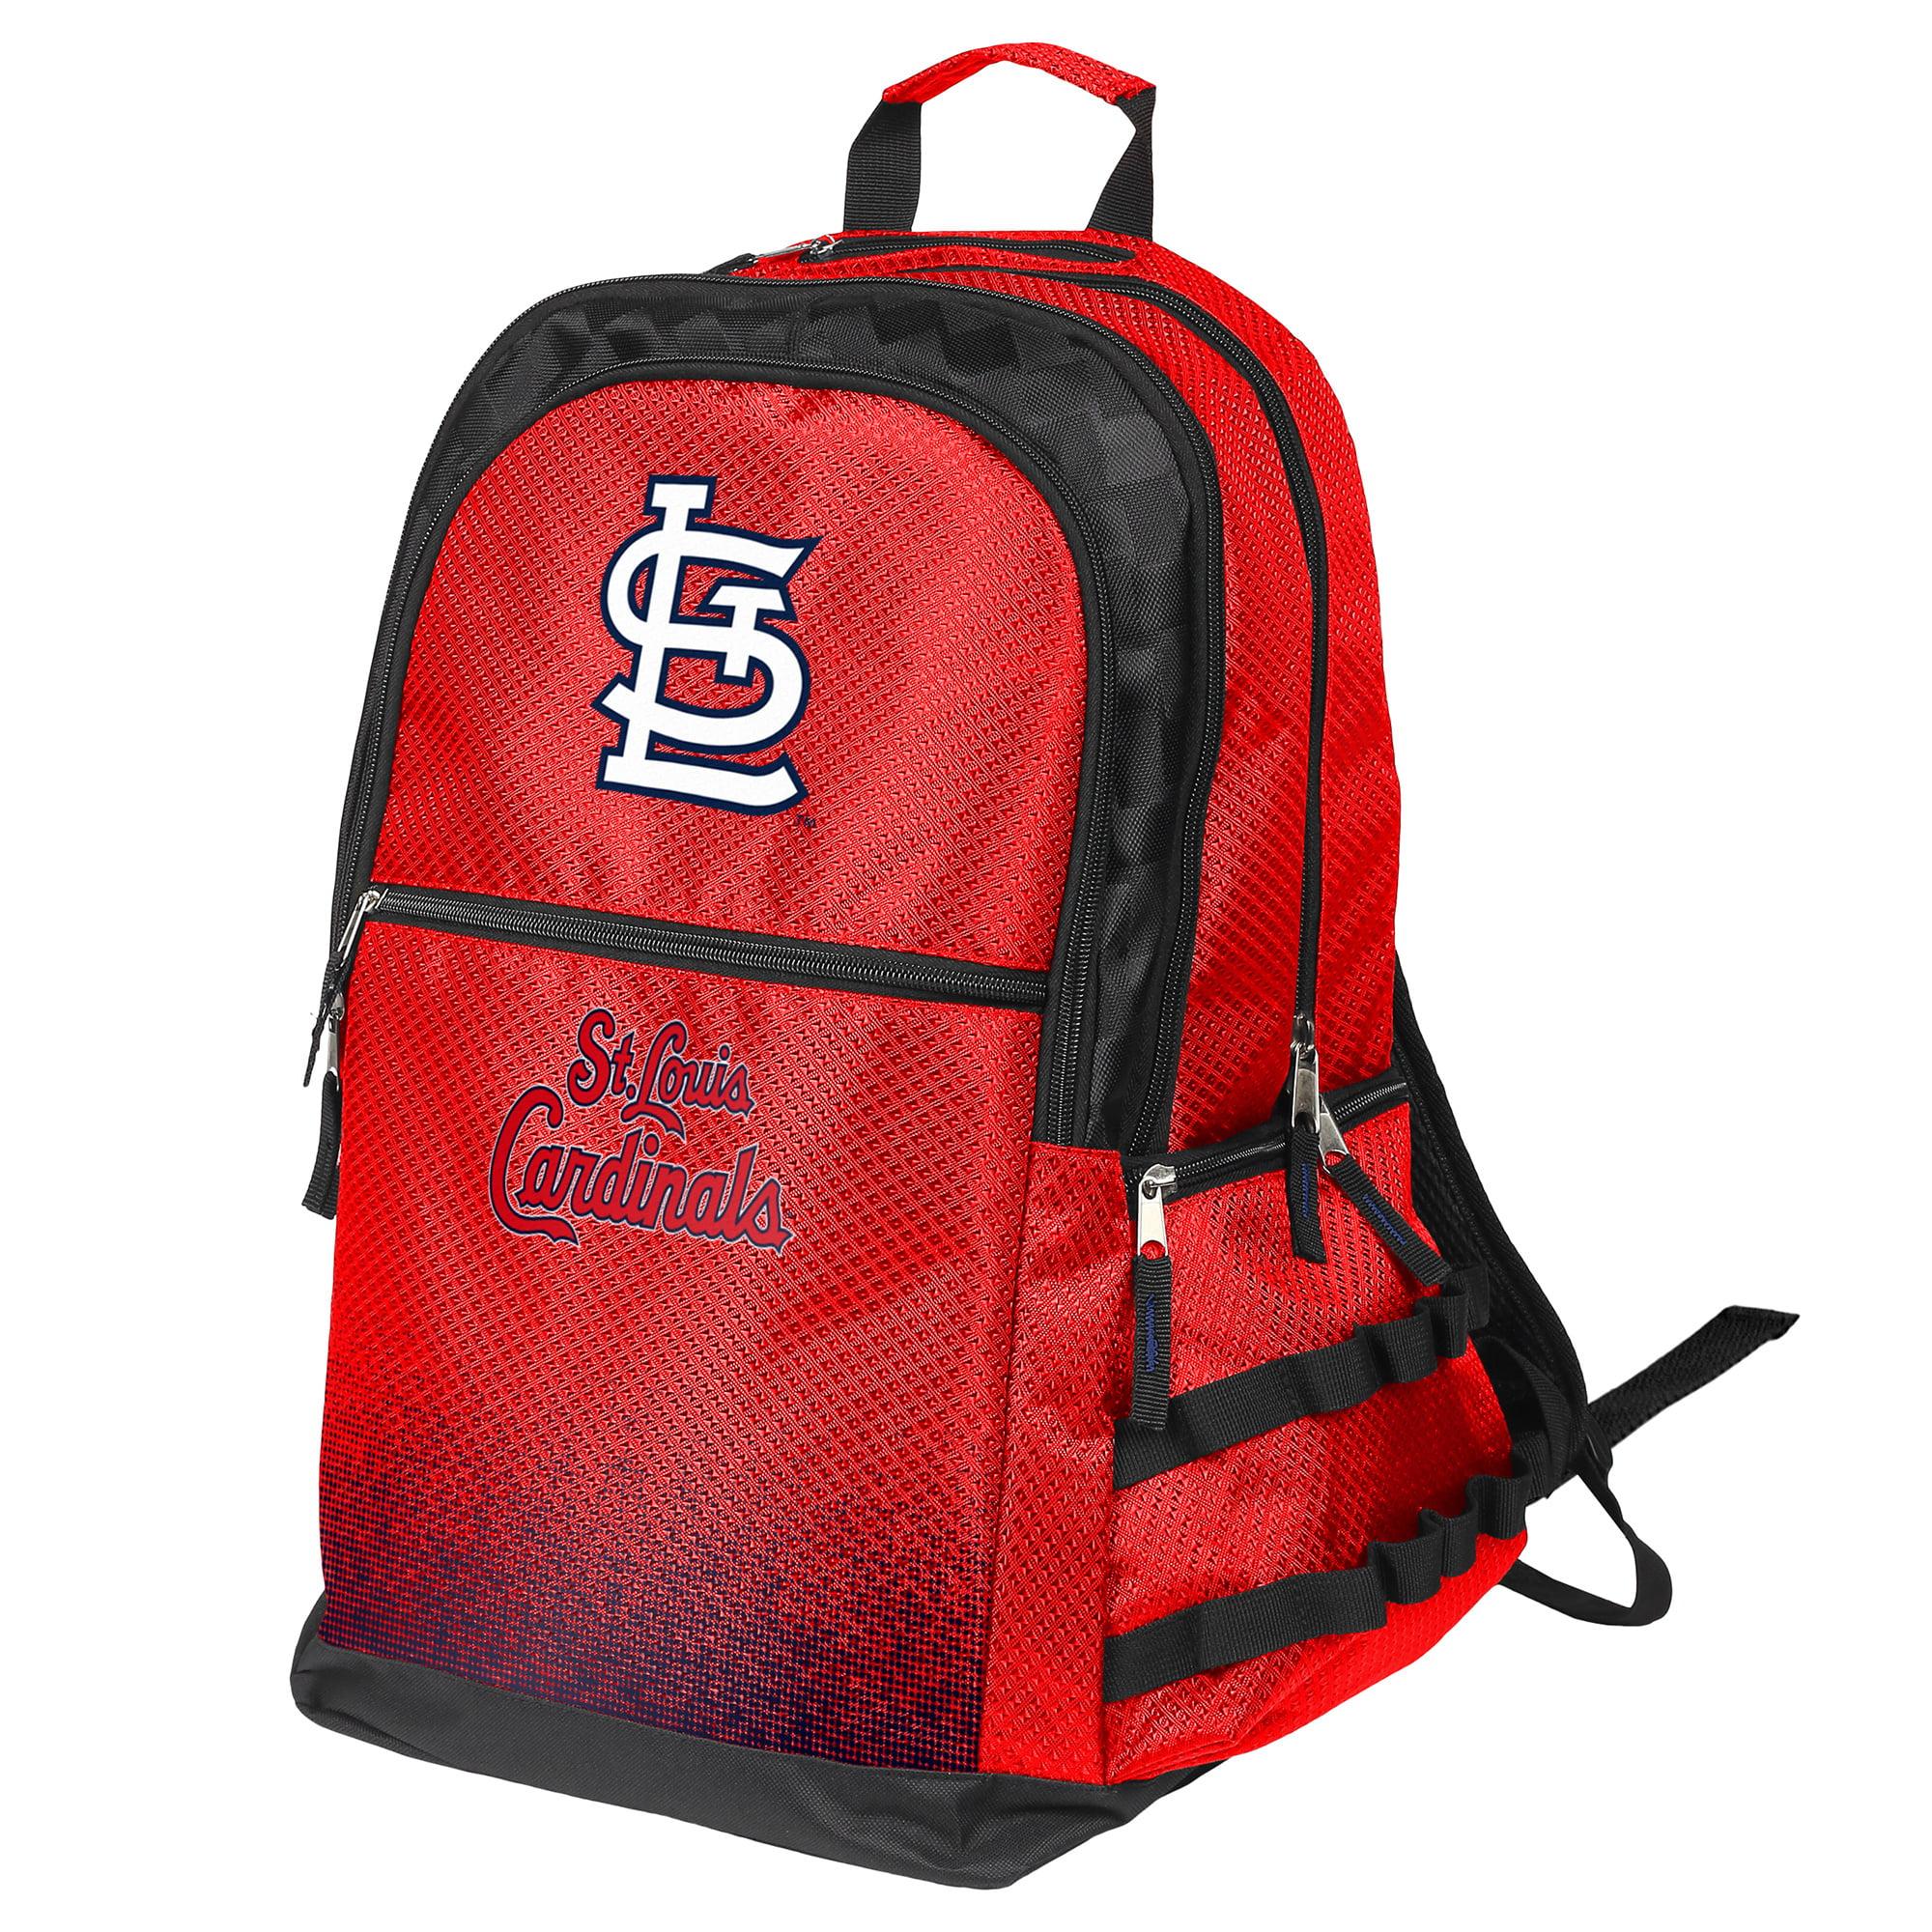 St. Louis Cardinals Gradient Elite Backpack - No Size